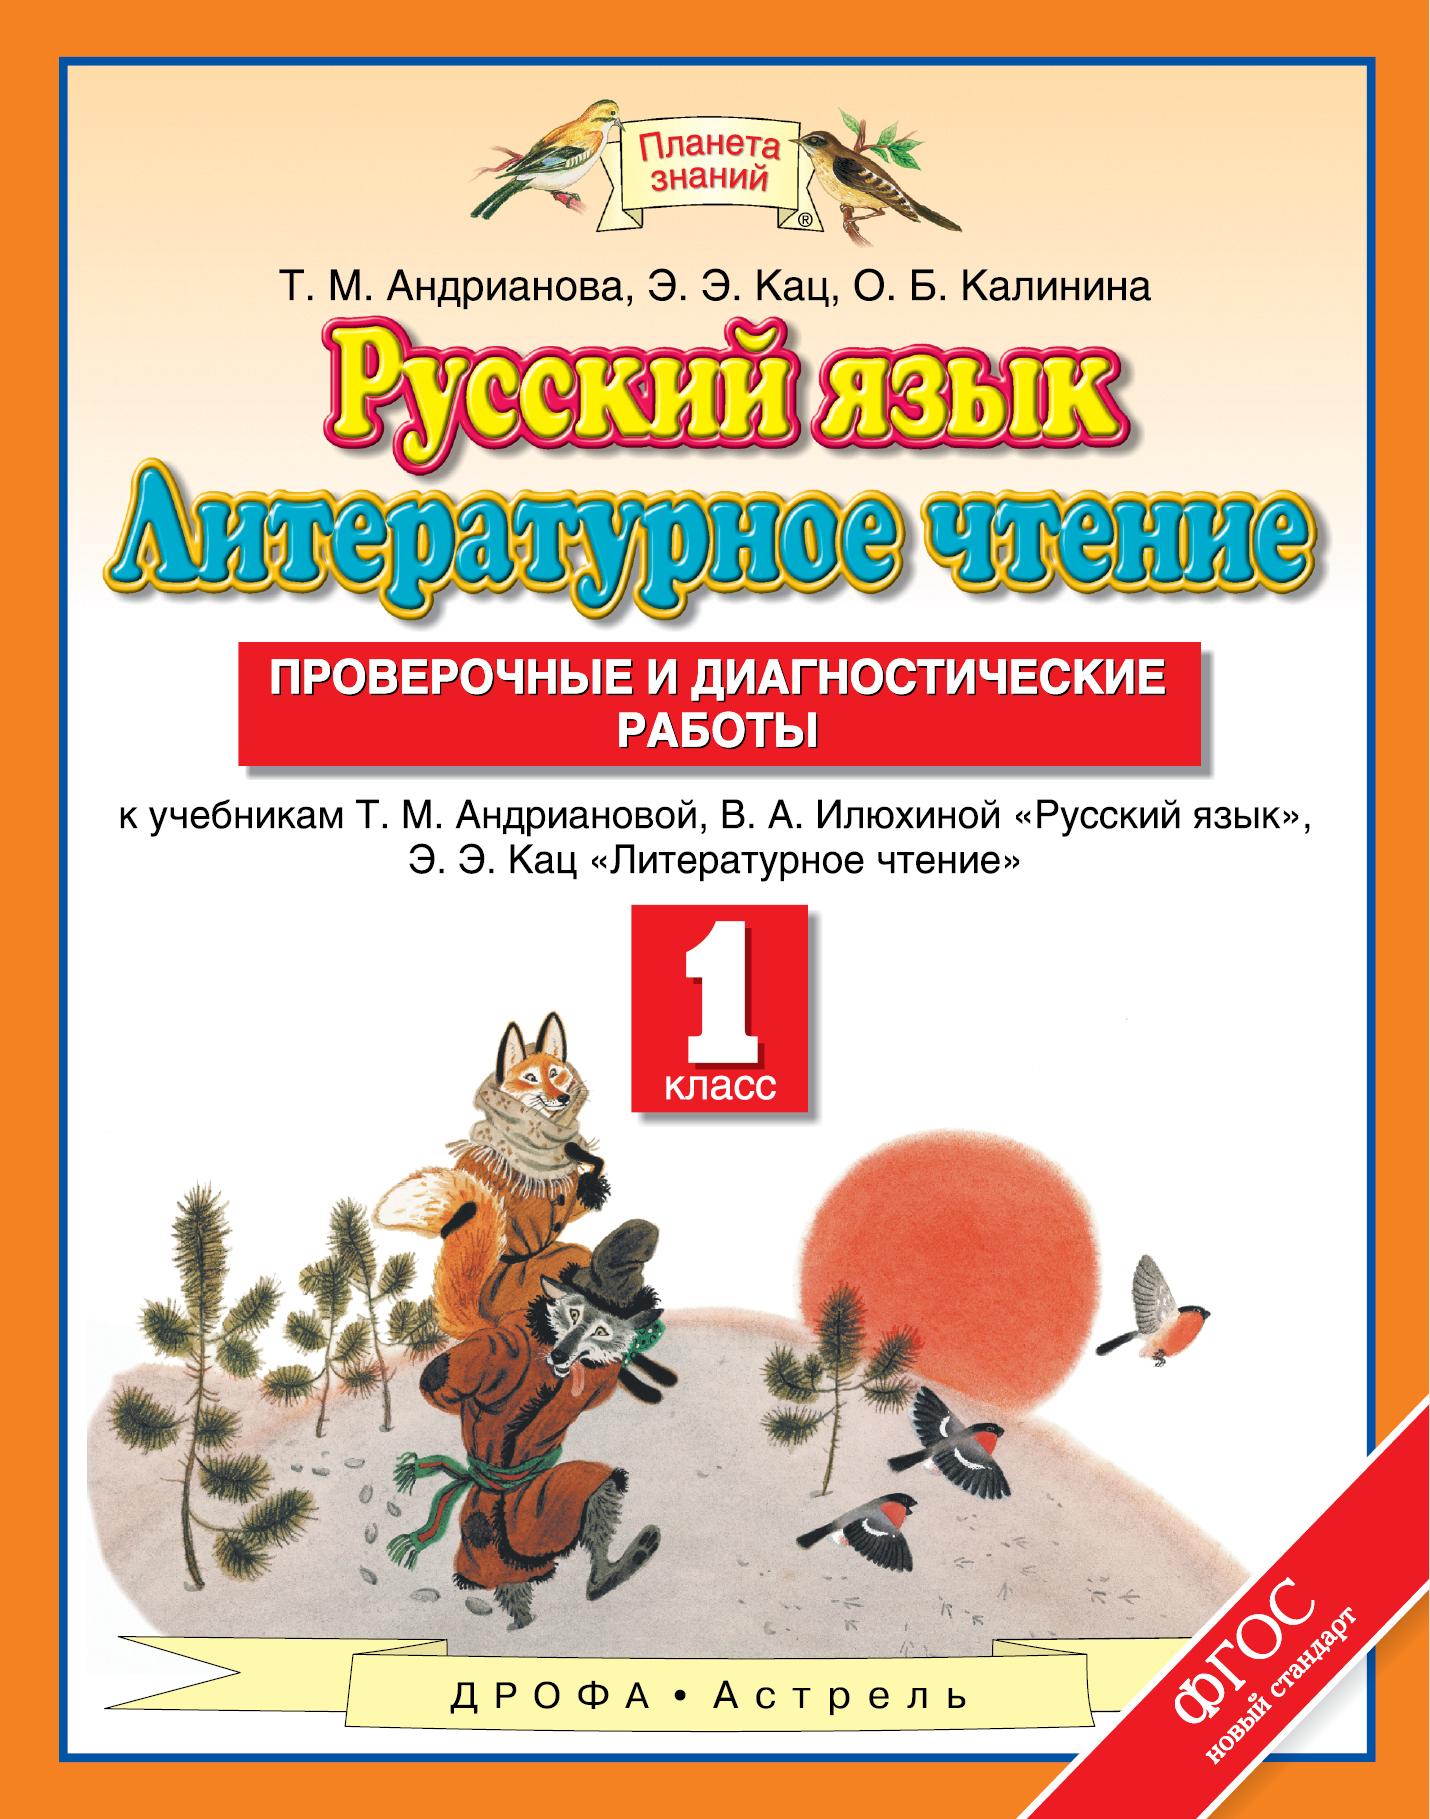 Русский язык. Литературное чтение. 1 класс. Проверочные и диагностические работы.